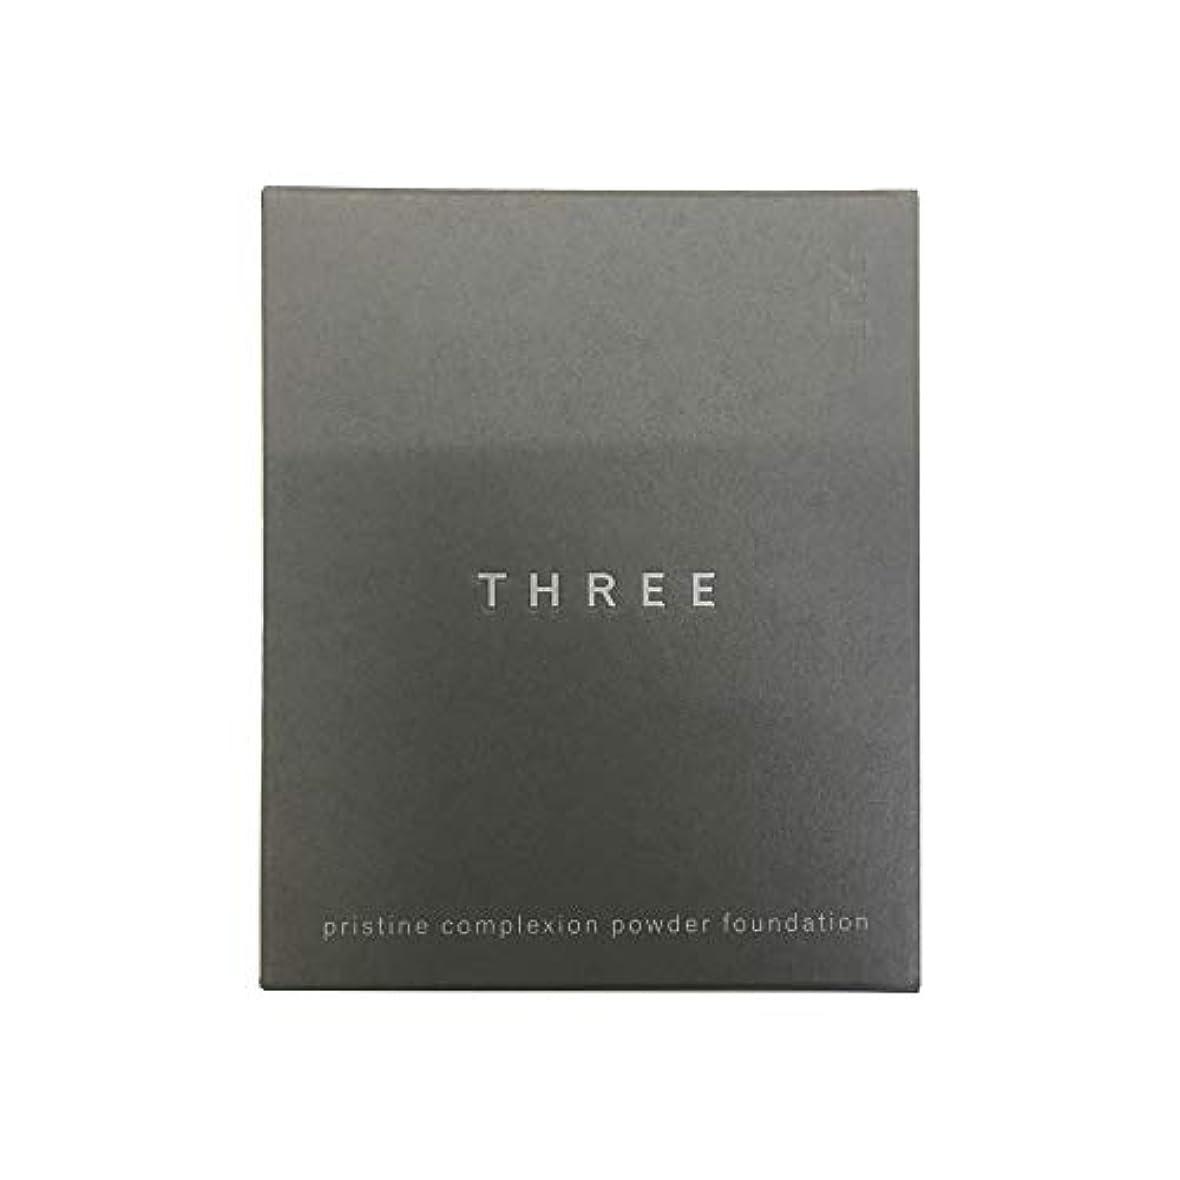 自分の立ち寄る精神THREE(スリー) プリスティーンコンプレクションパウダーファンデーション #101(リフィル) [ パウダーファンデーション ] [並行輸入品]